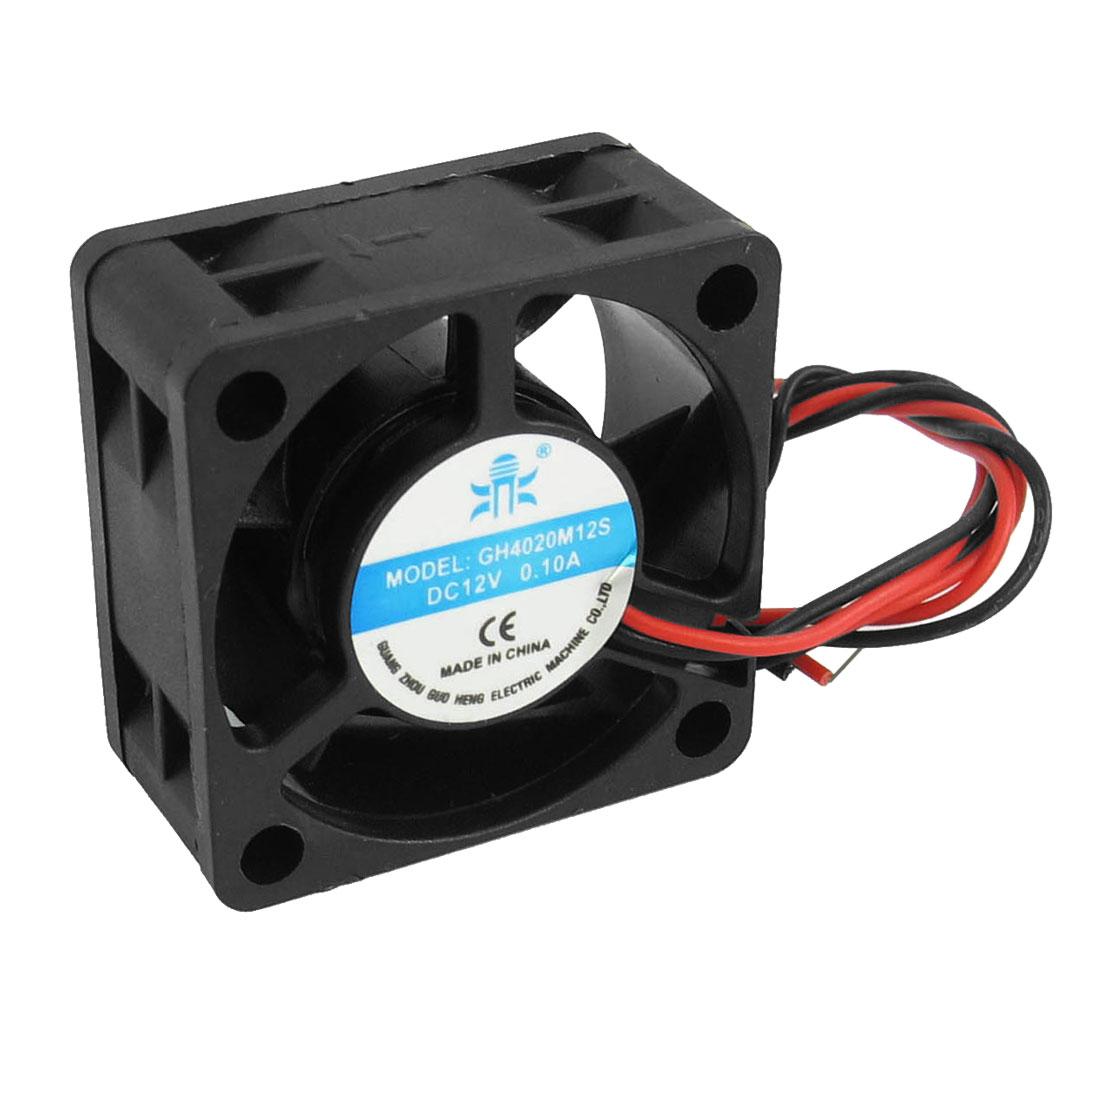 DC12V 0.1A 2-Wired Black Plastic 5-Fan Axial Fan Cooler Cooler Heatsink 40mm x 20mm